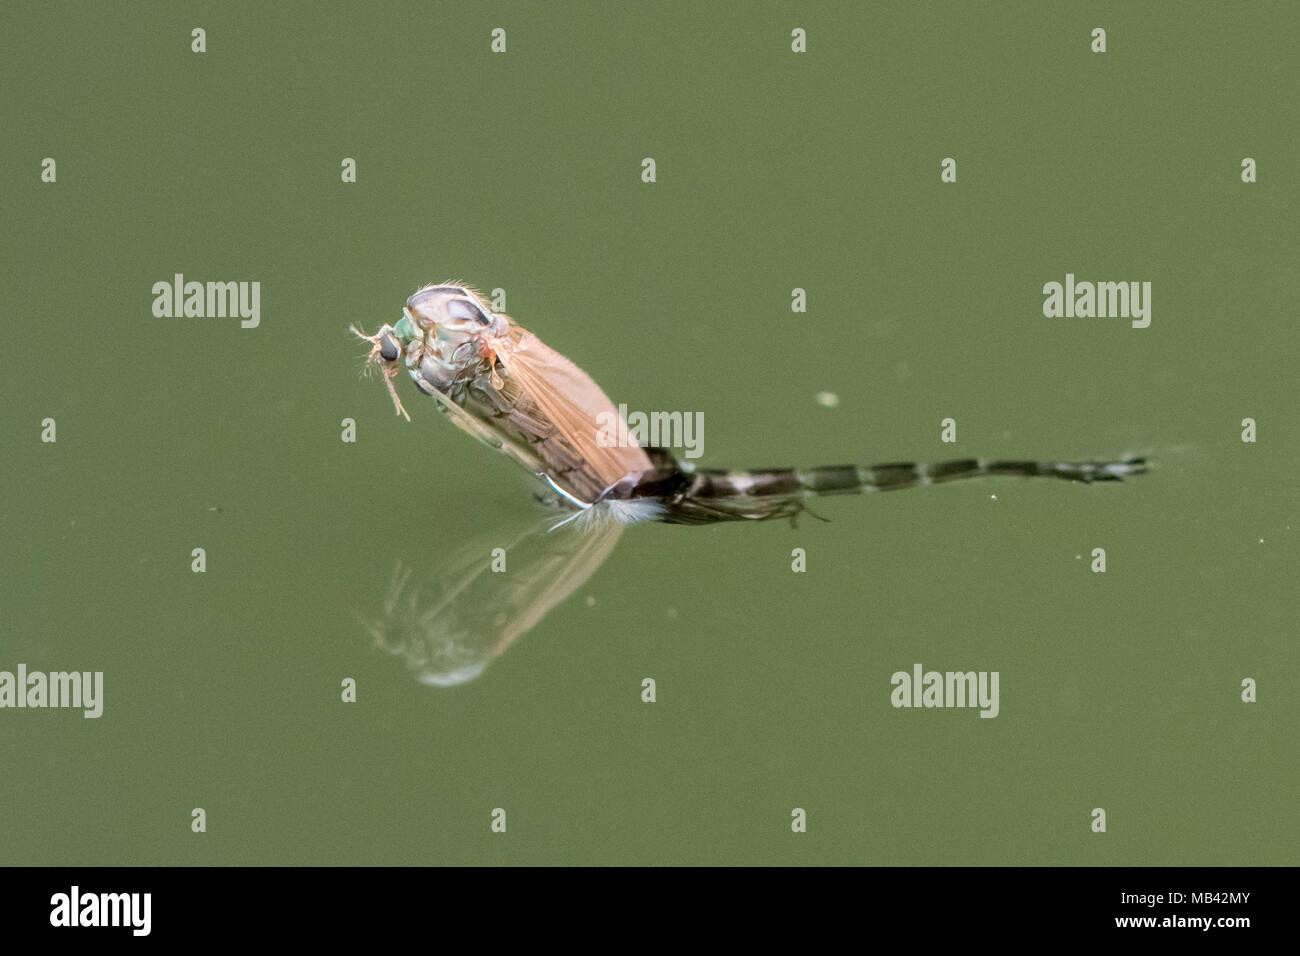 (Moucheron Chironomus plumosus) sortant de la chrysalide. Imago femelle de non-diptère piqueur dans la famille Chironomidae Photo Stock